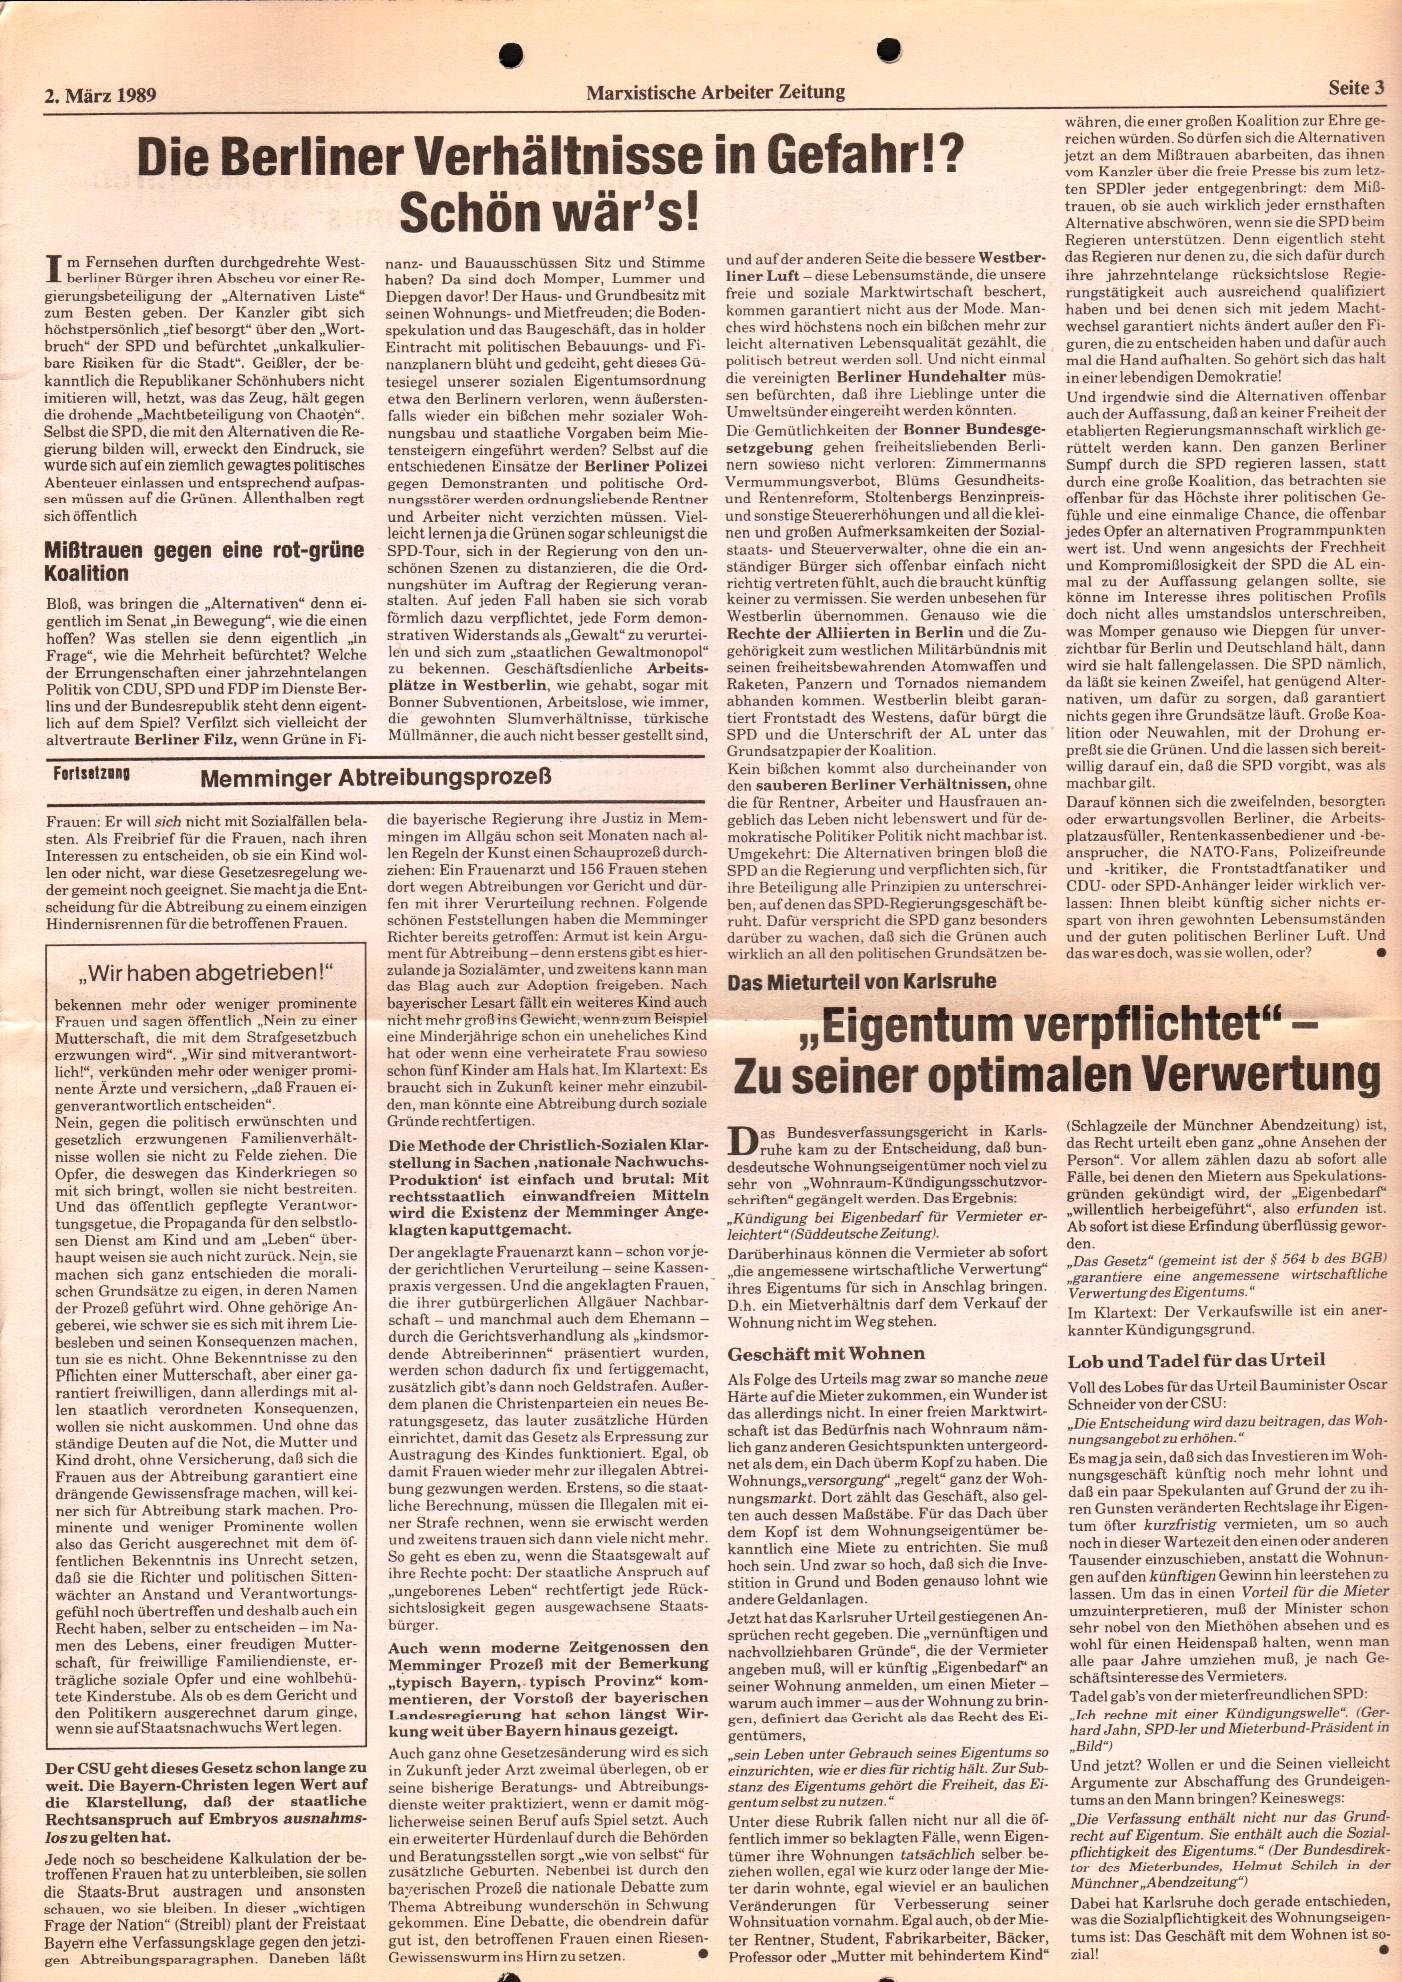 BW_MG_Marxistische_Arbeiterzeitung_19890302_03